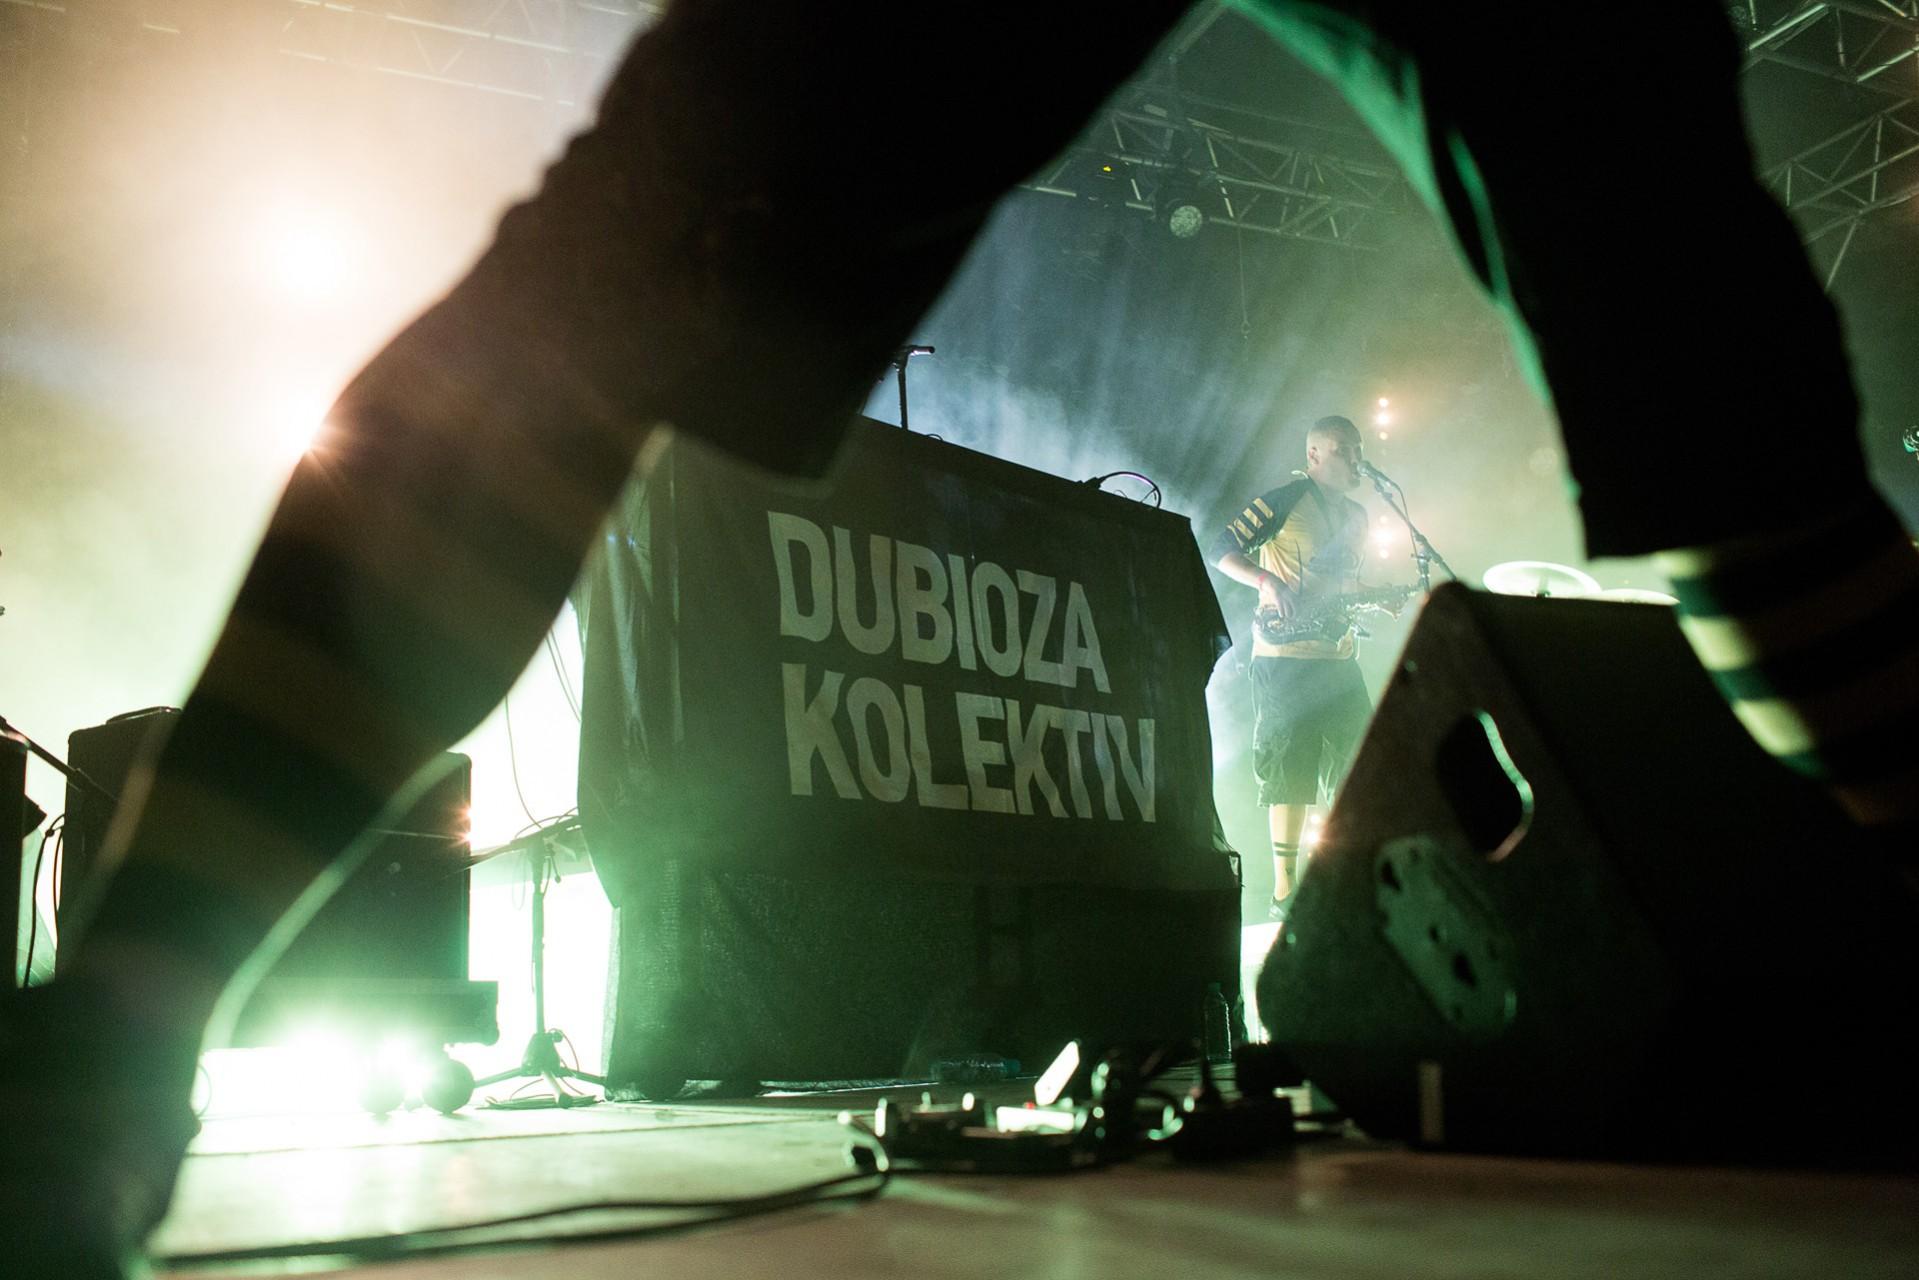 DUBIOZA KOLEKTIV_014